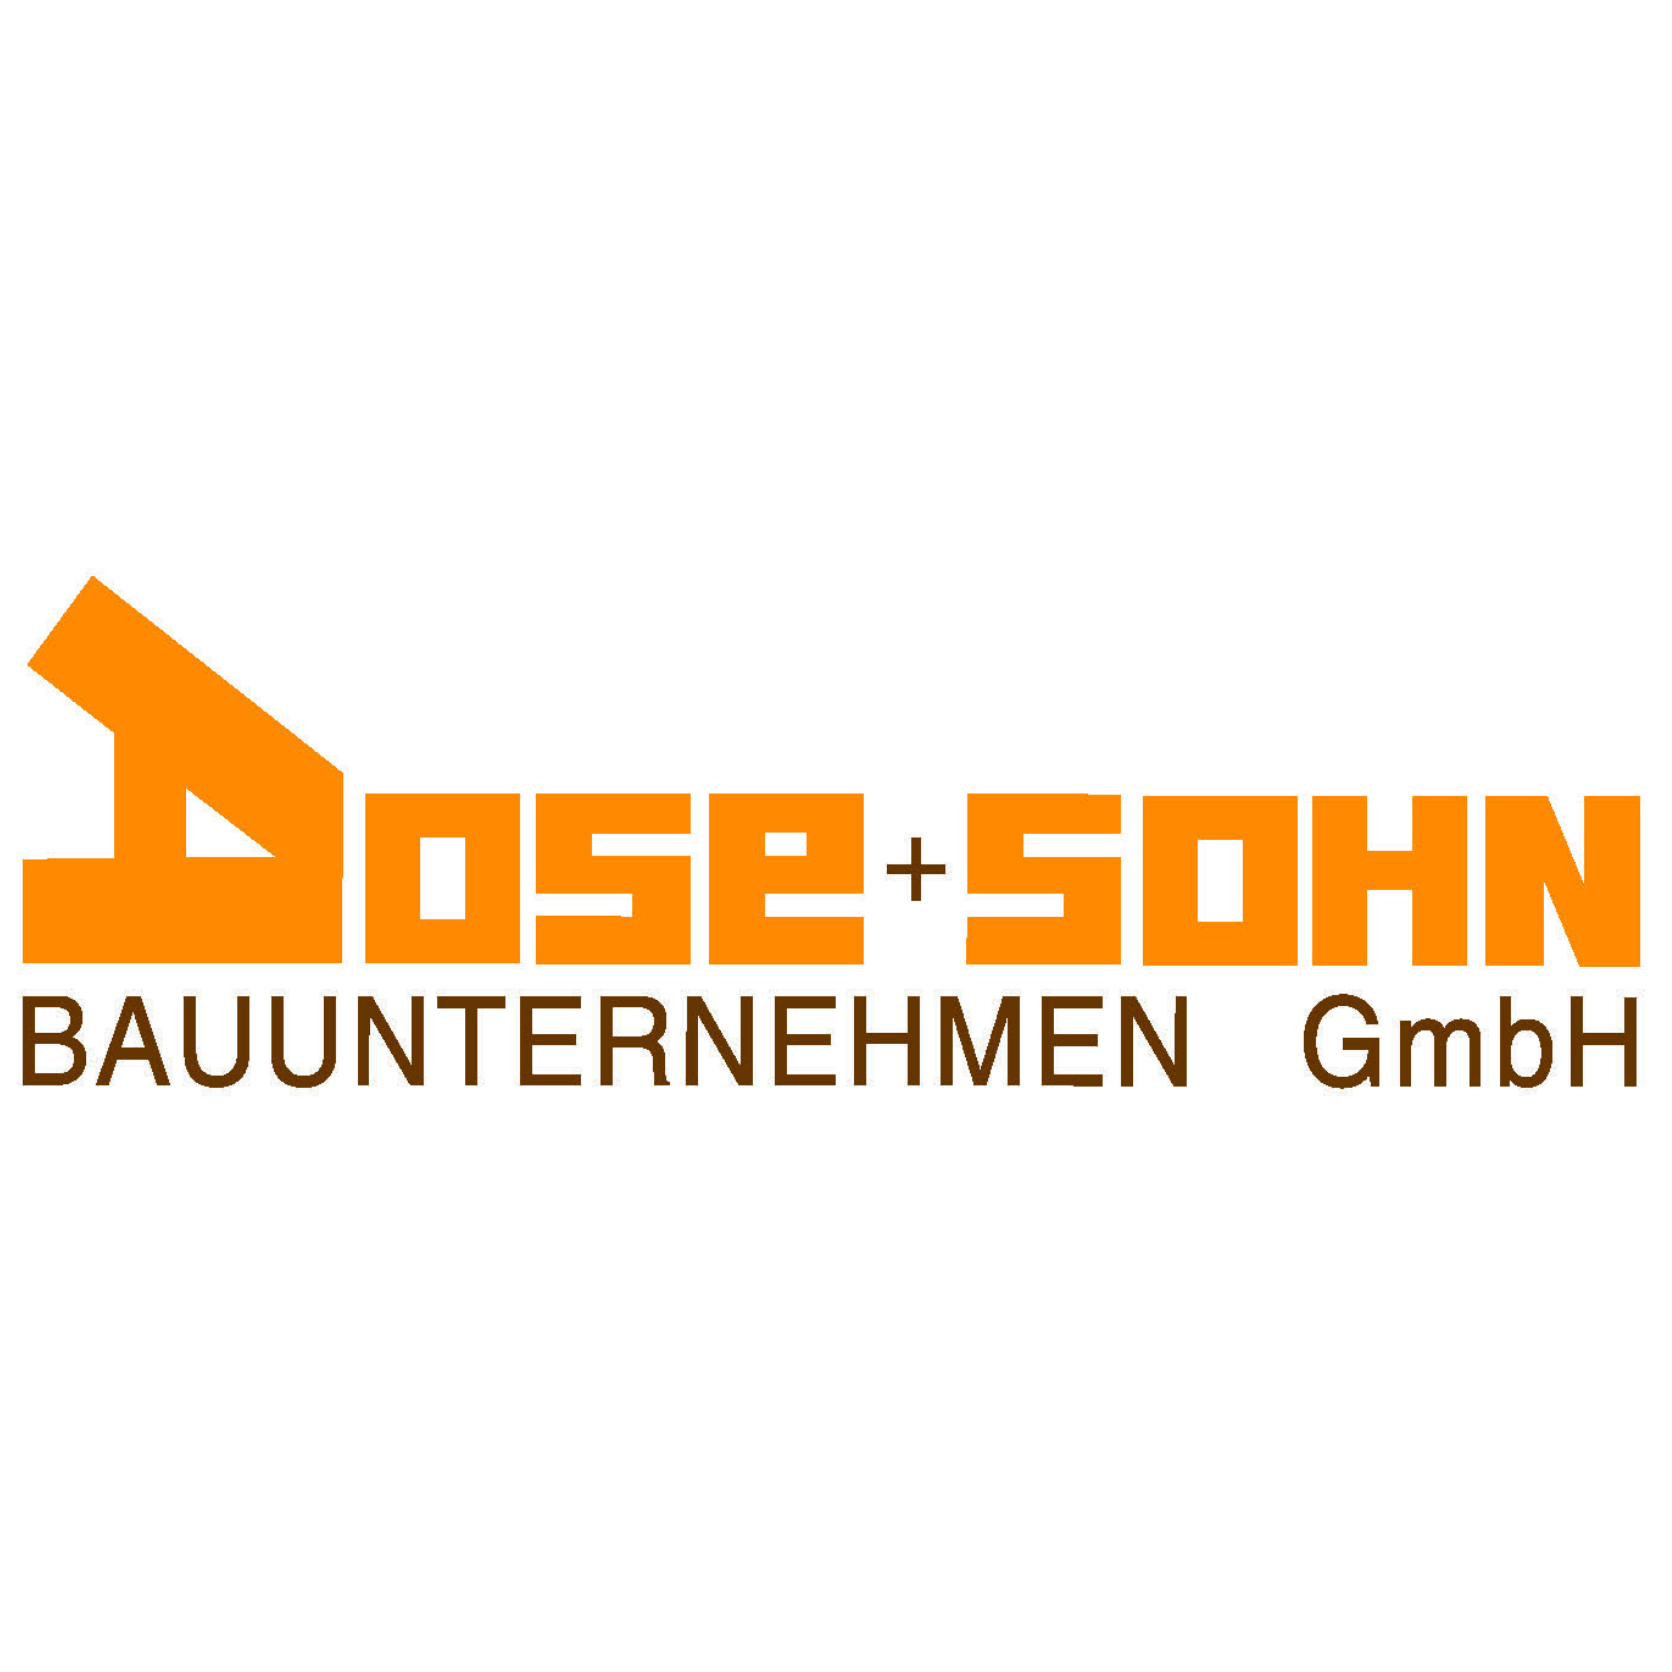 Dose + Sohn Bauunternehmen GmbH